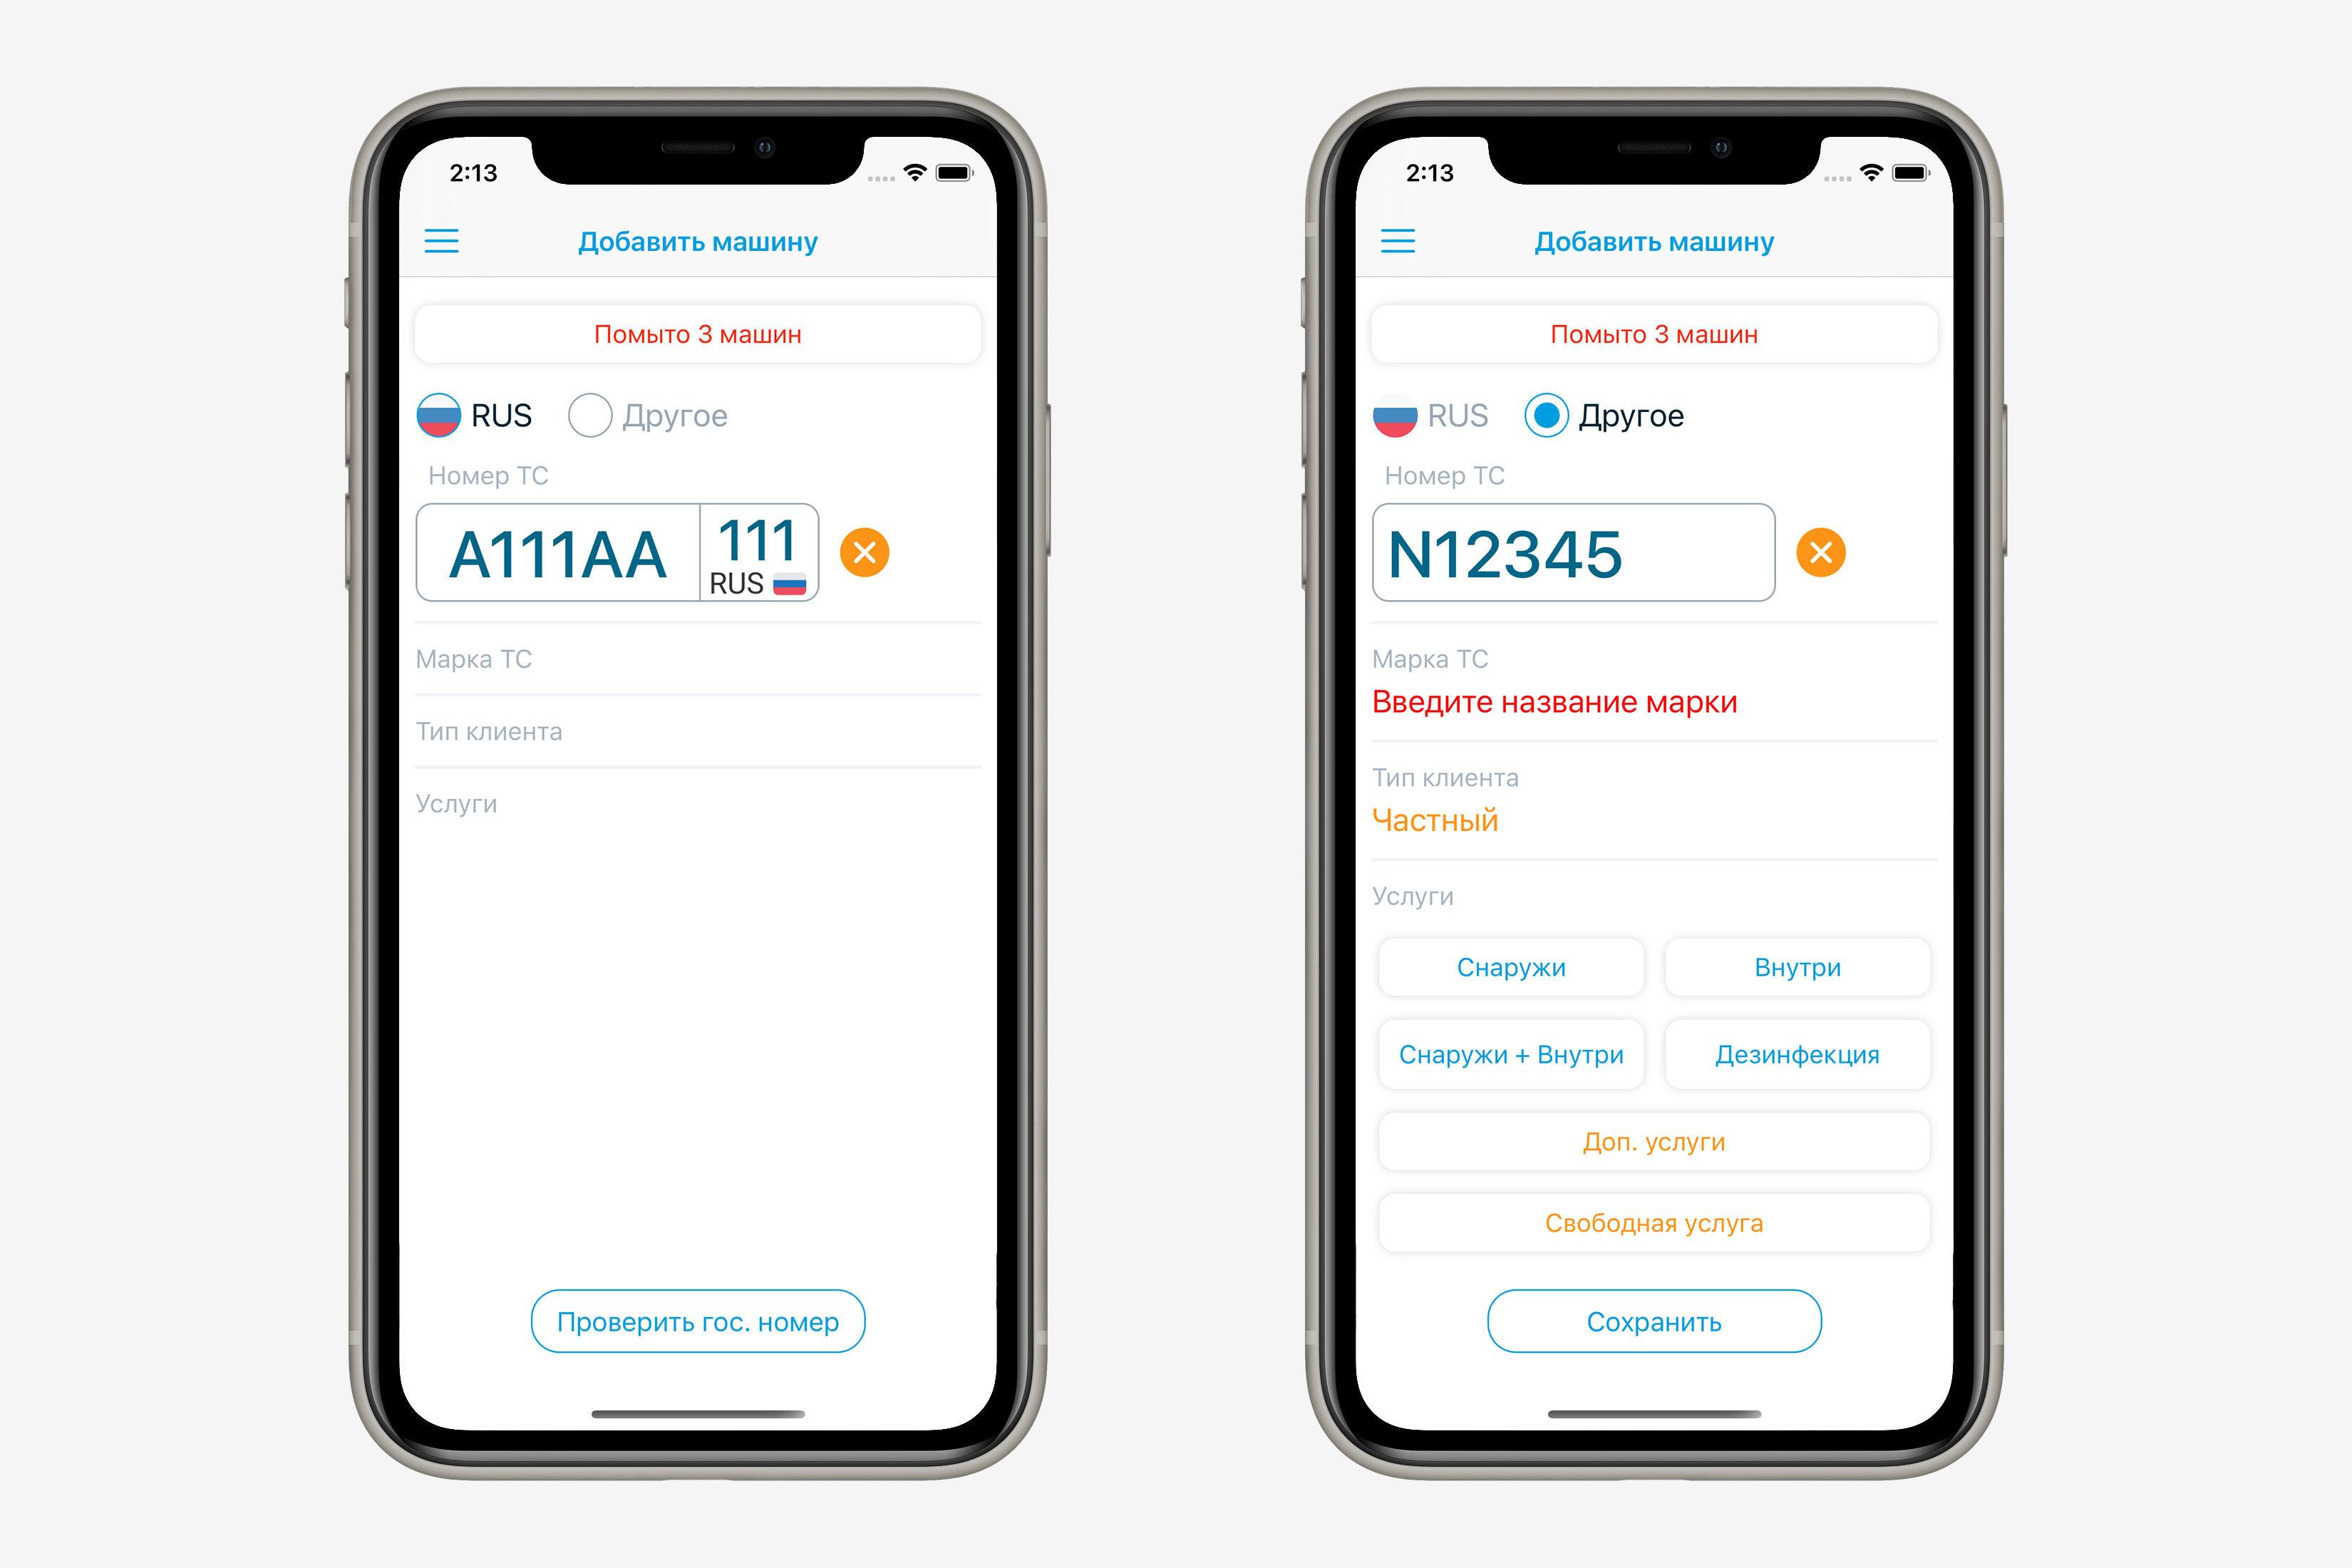 Обновление разделов добавления ТС в iOS